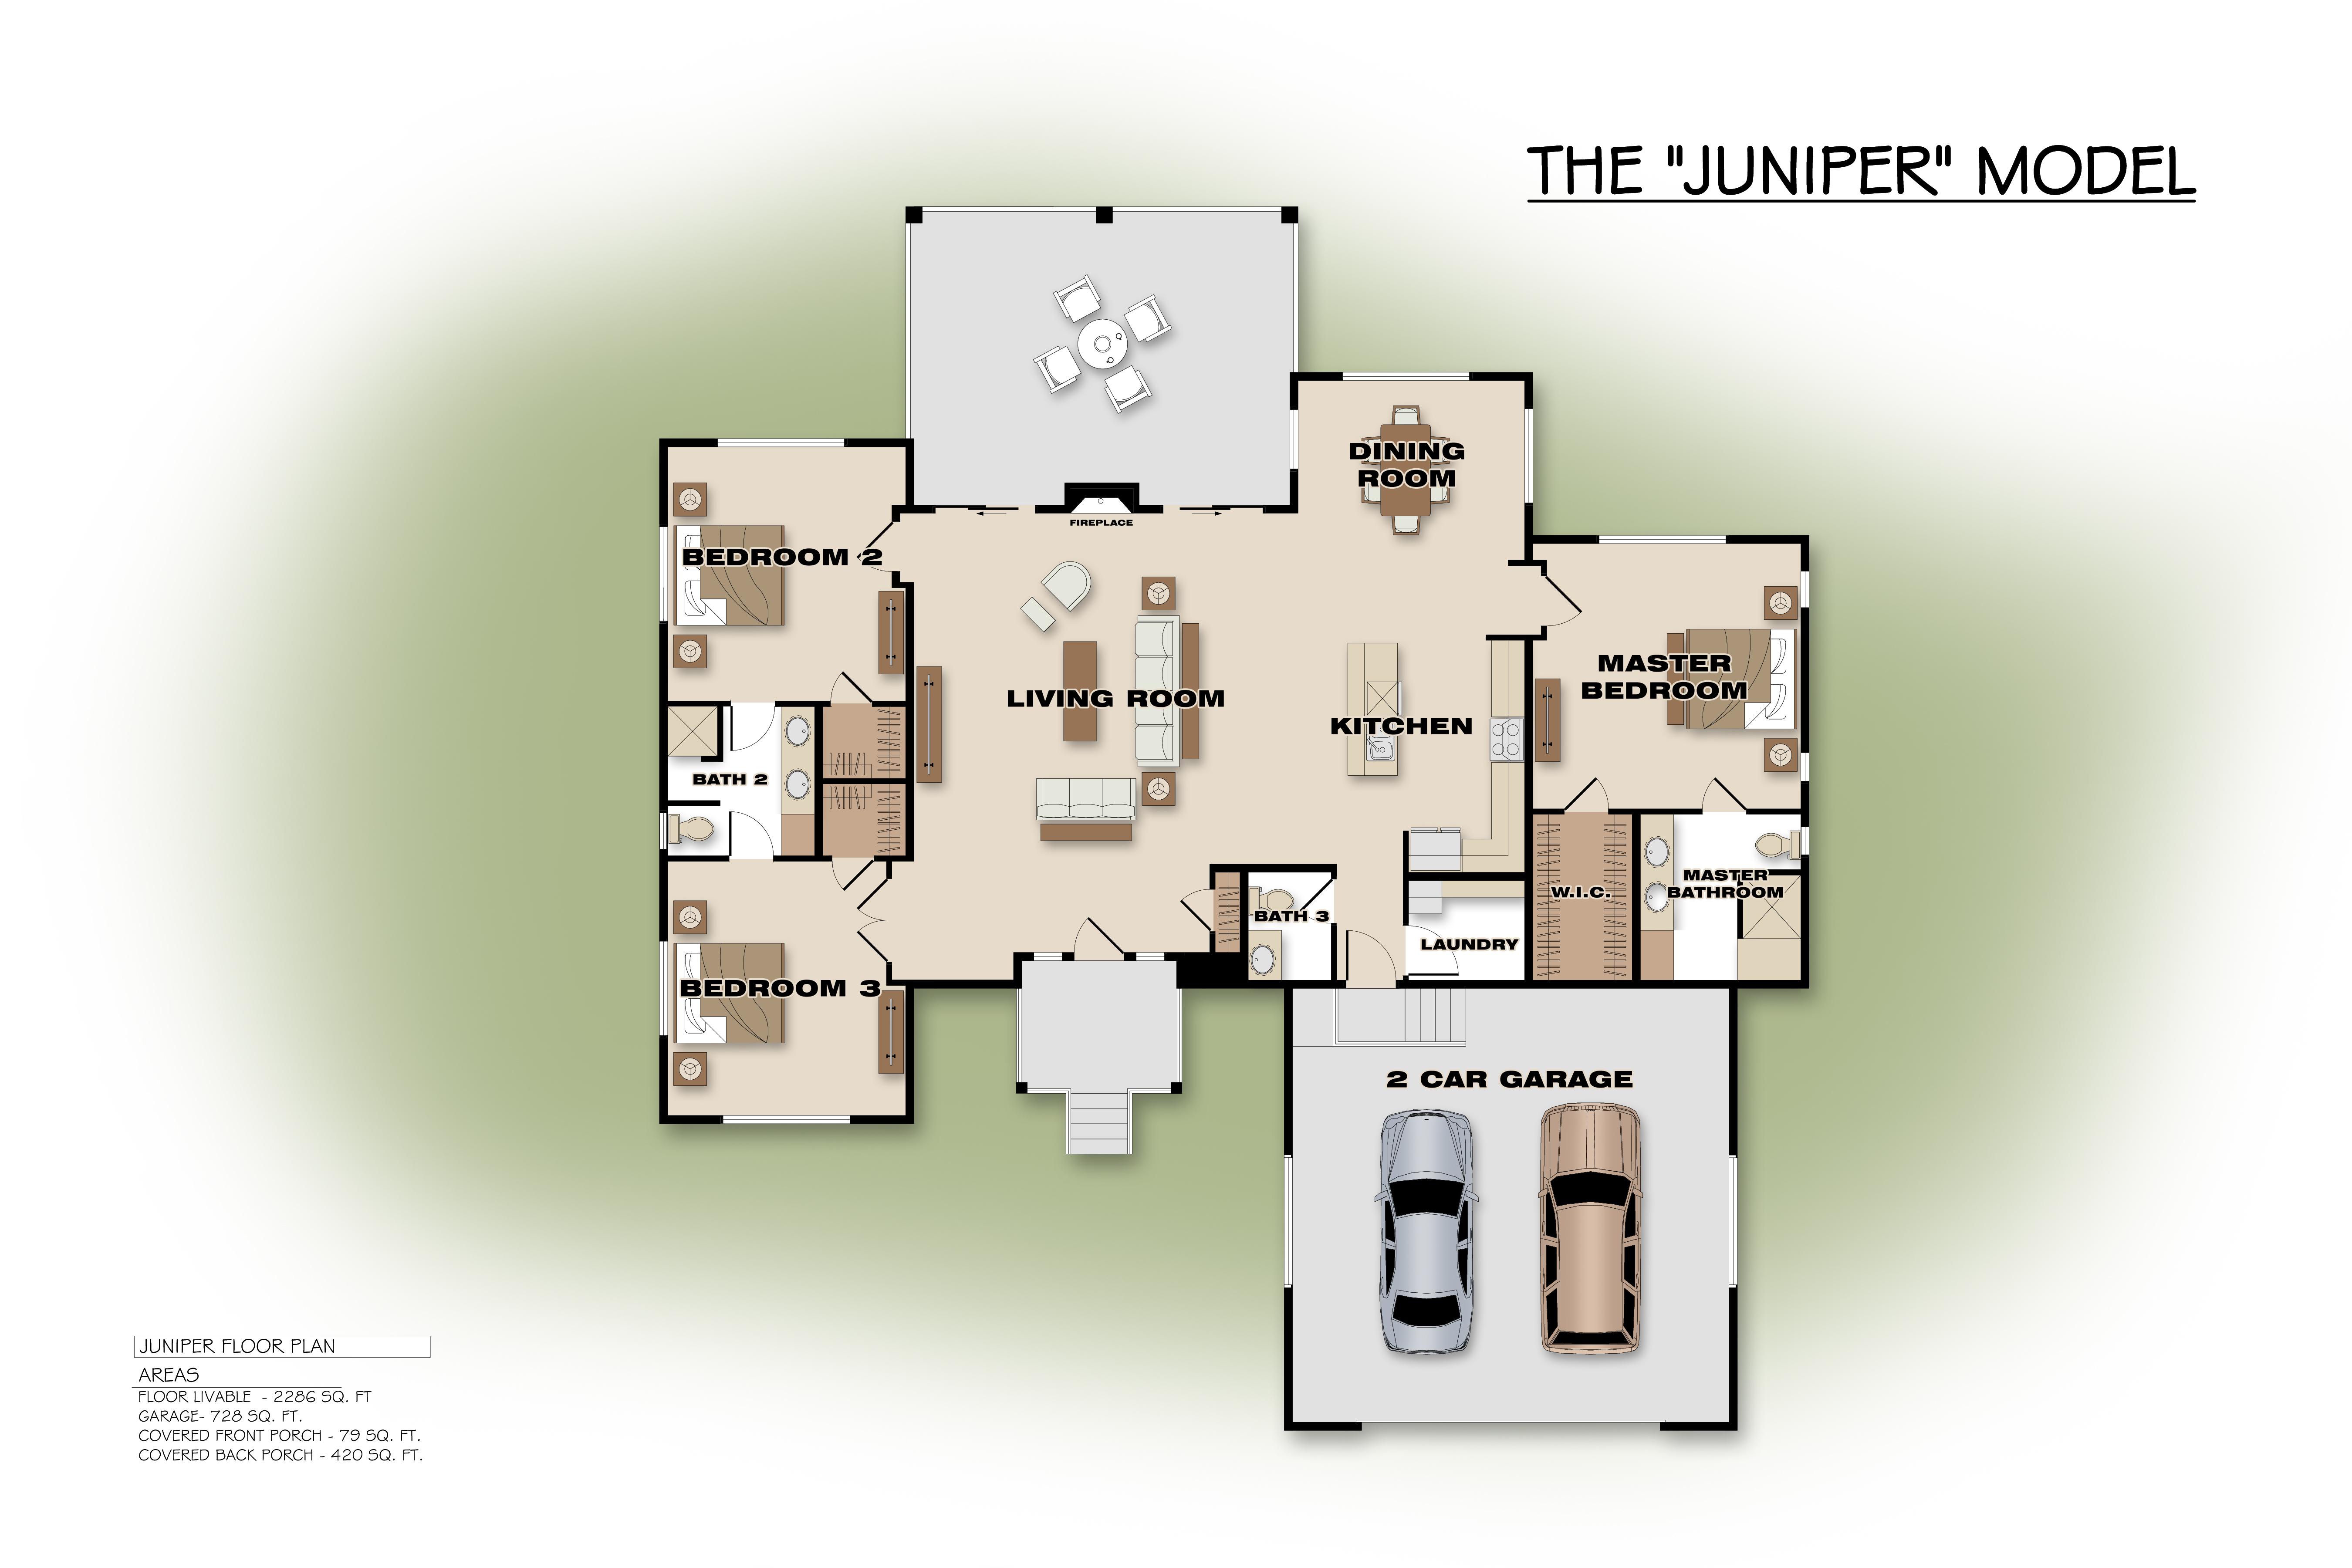 Floor plans snow creek arizona for Juniper floor plan